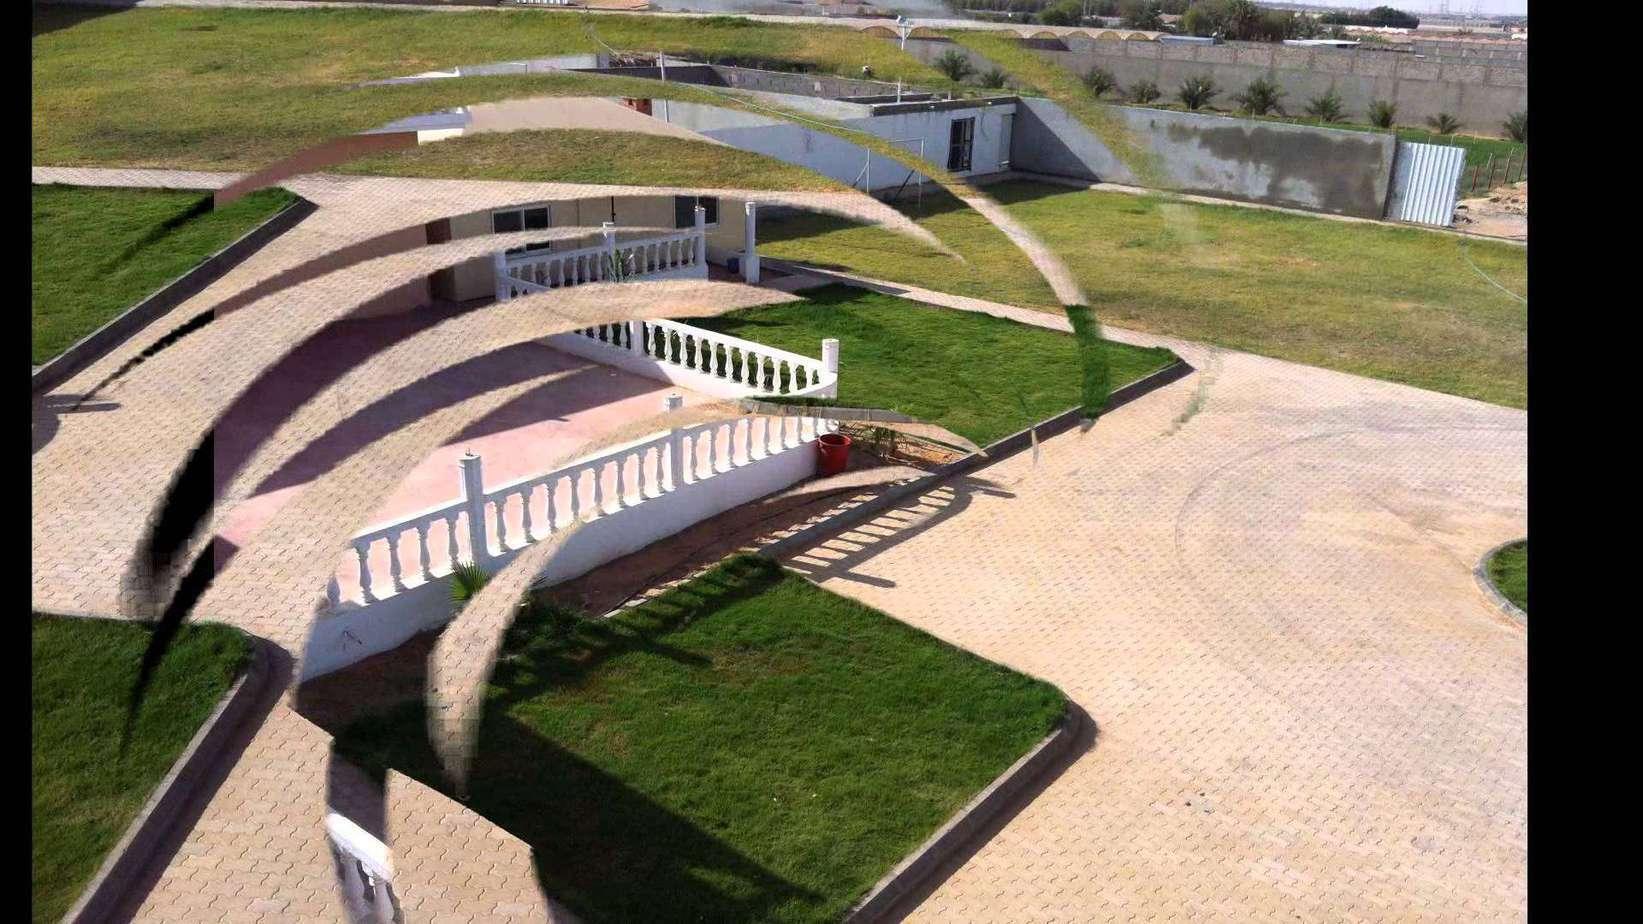 استراحة في طريق أبوظبي حرض – الخرج – الرياض(معلومات عامة )